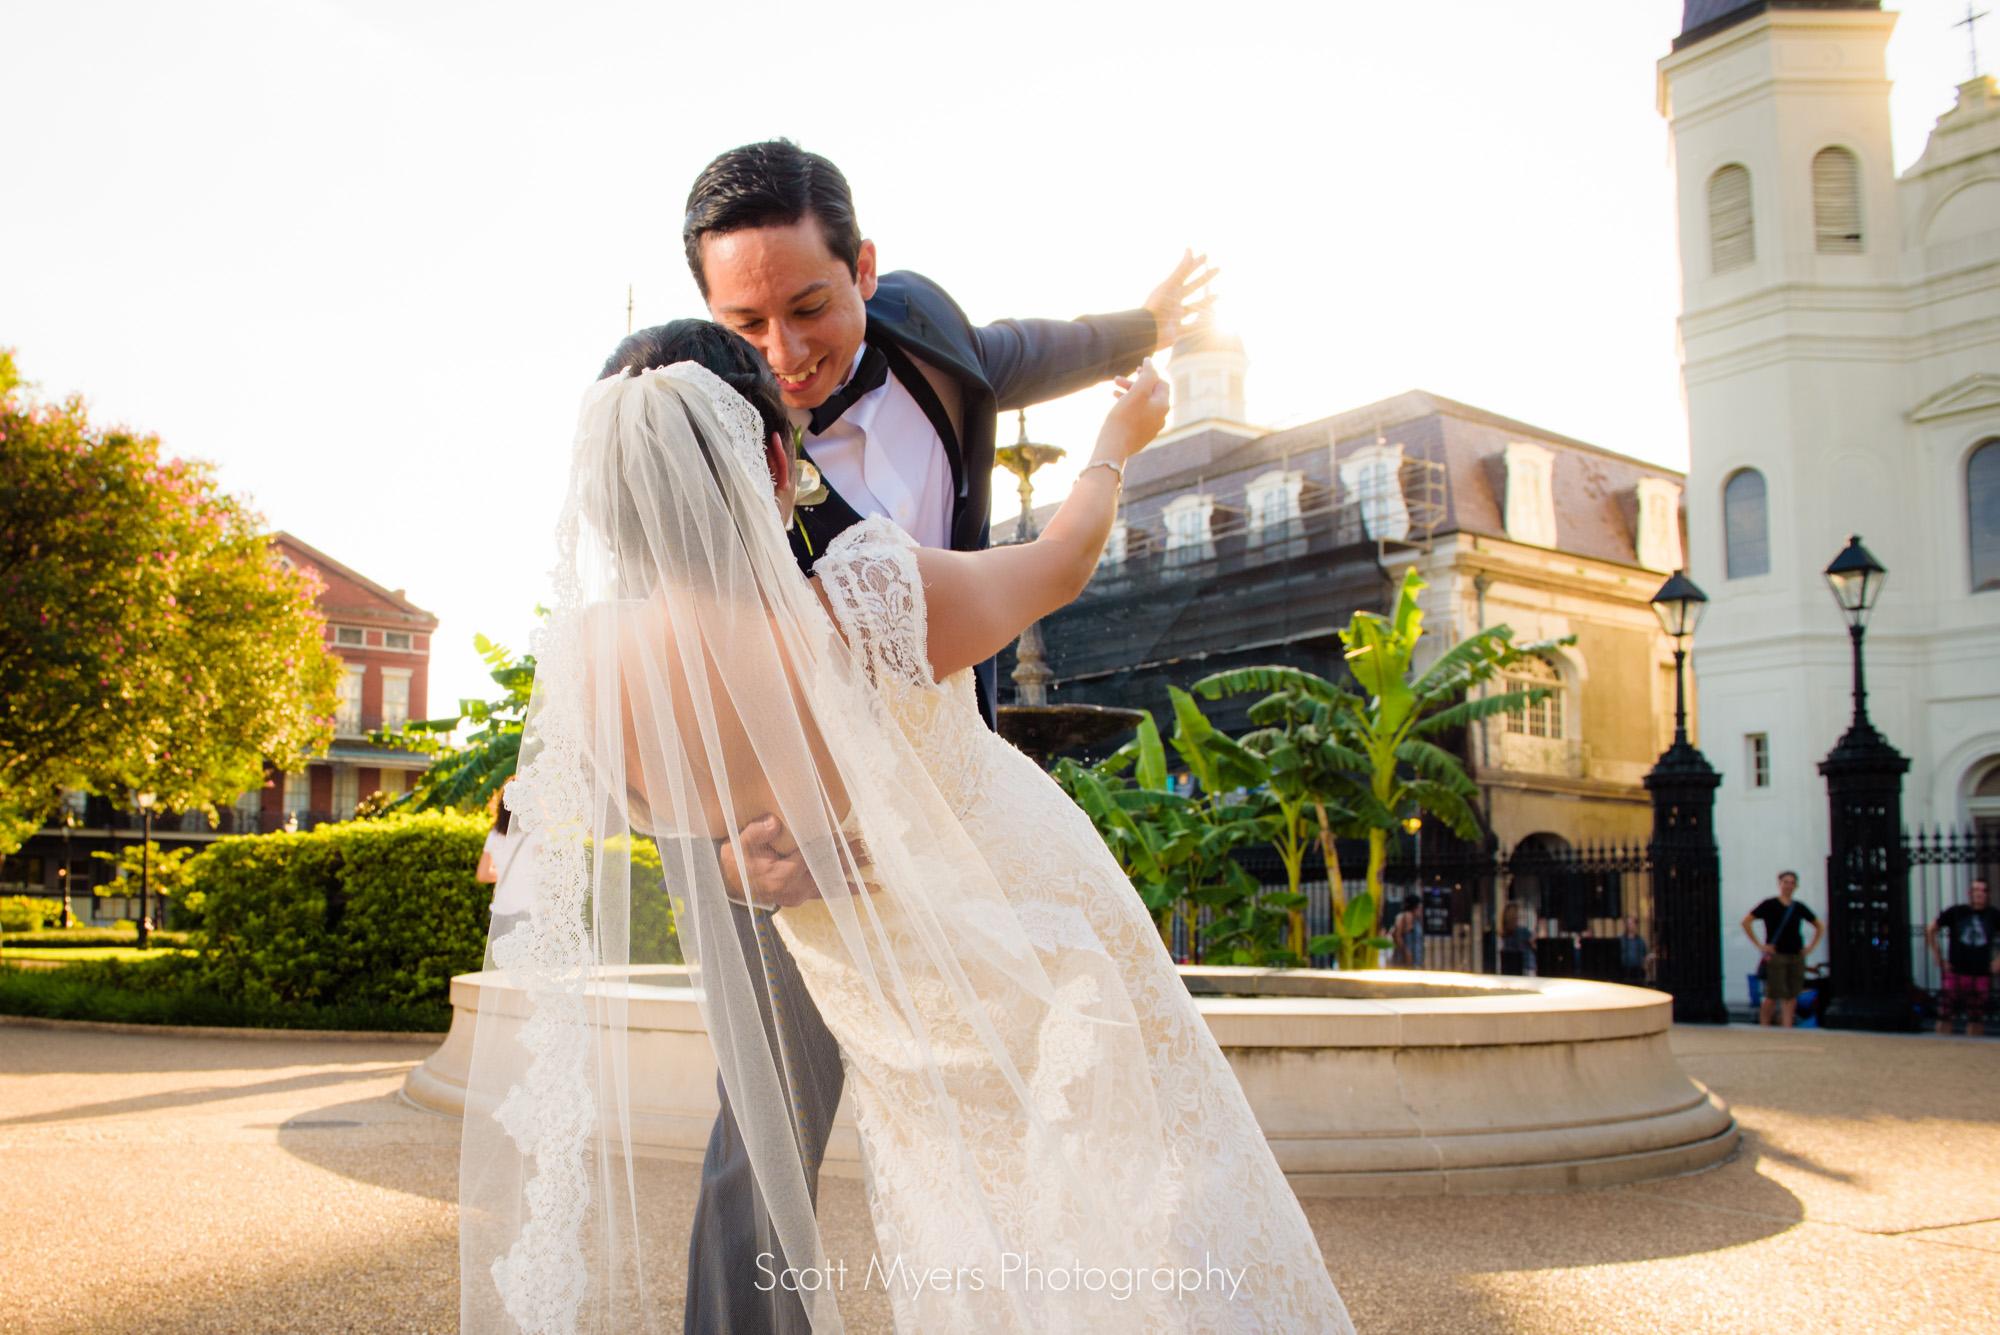 Scott_Myers_Wedding_New_Orleans_028.jpg